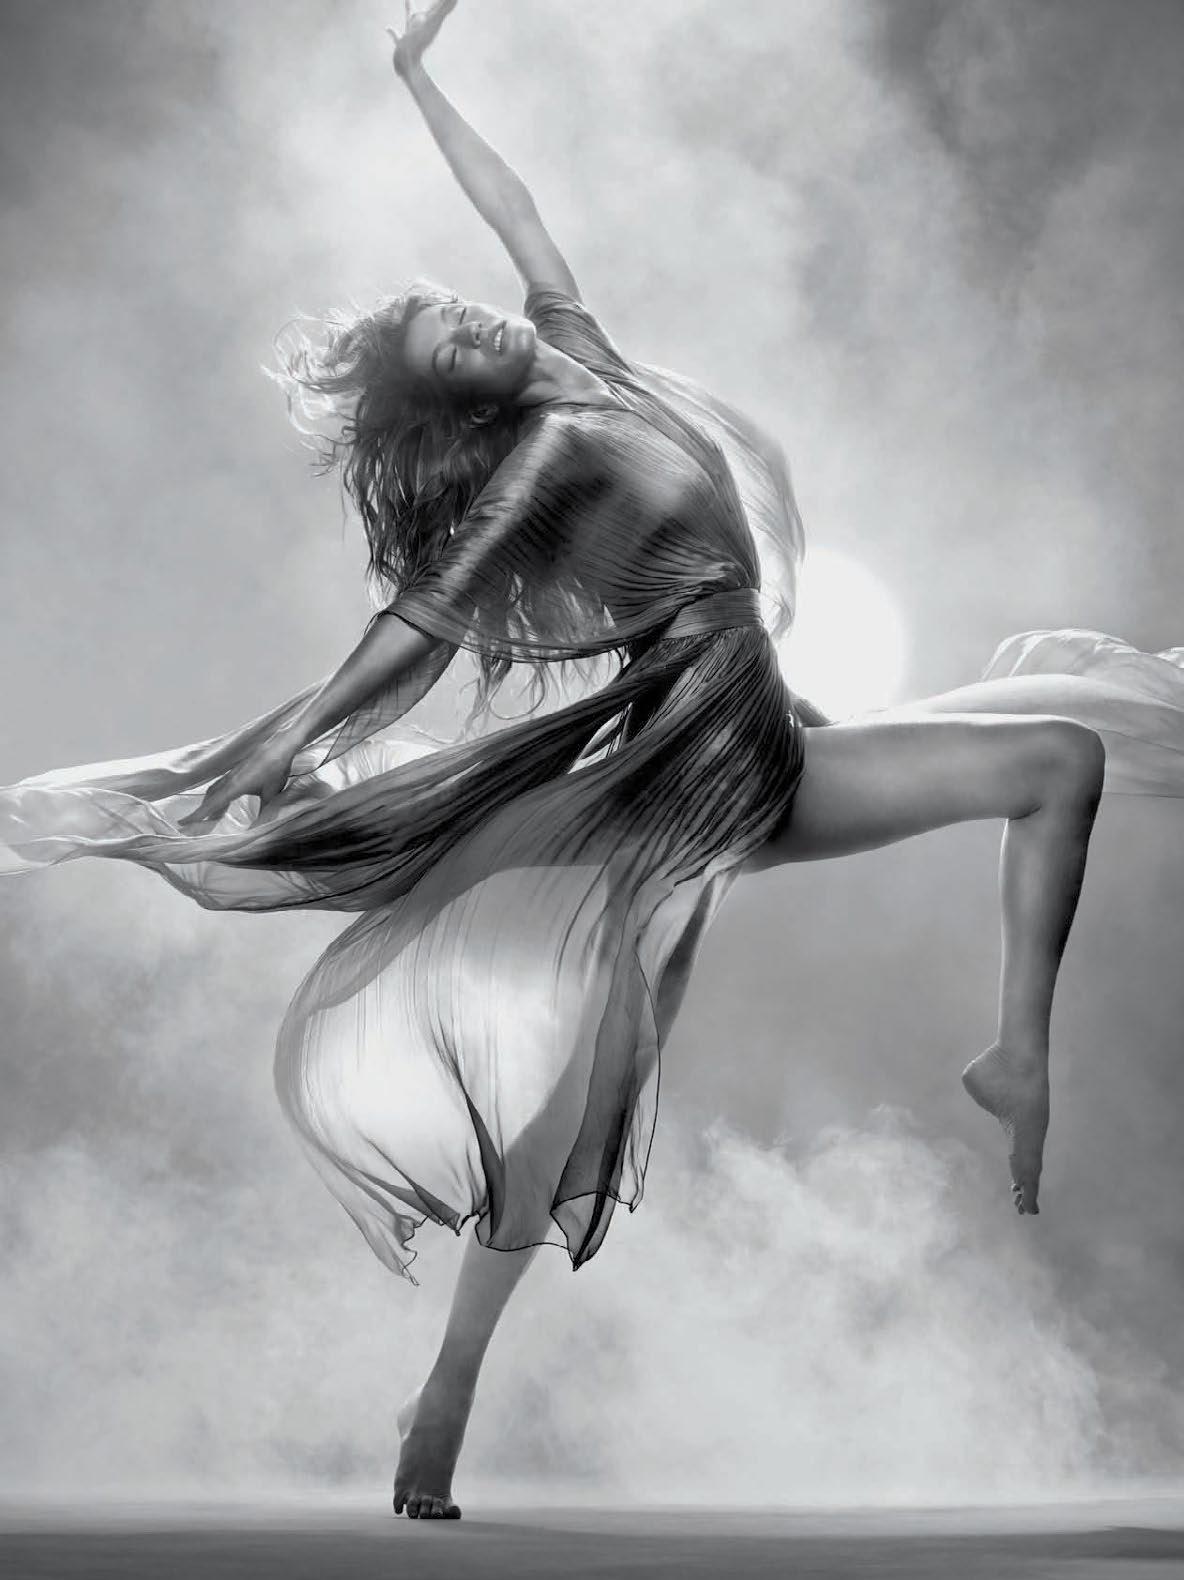 Gisele-Bündchen-for-Vogue-Brazil-May-2015-29.jpg